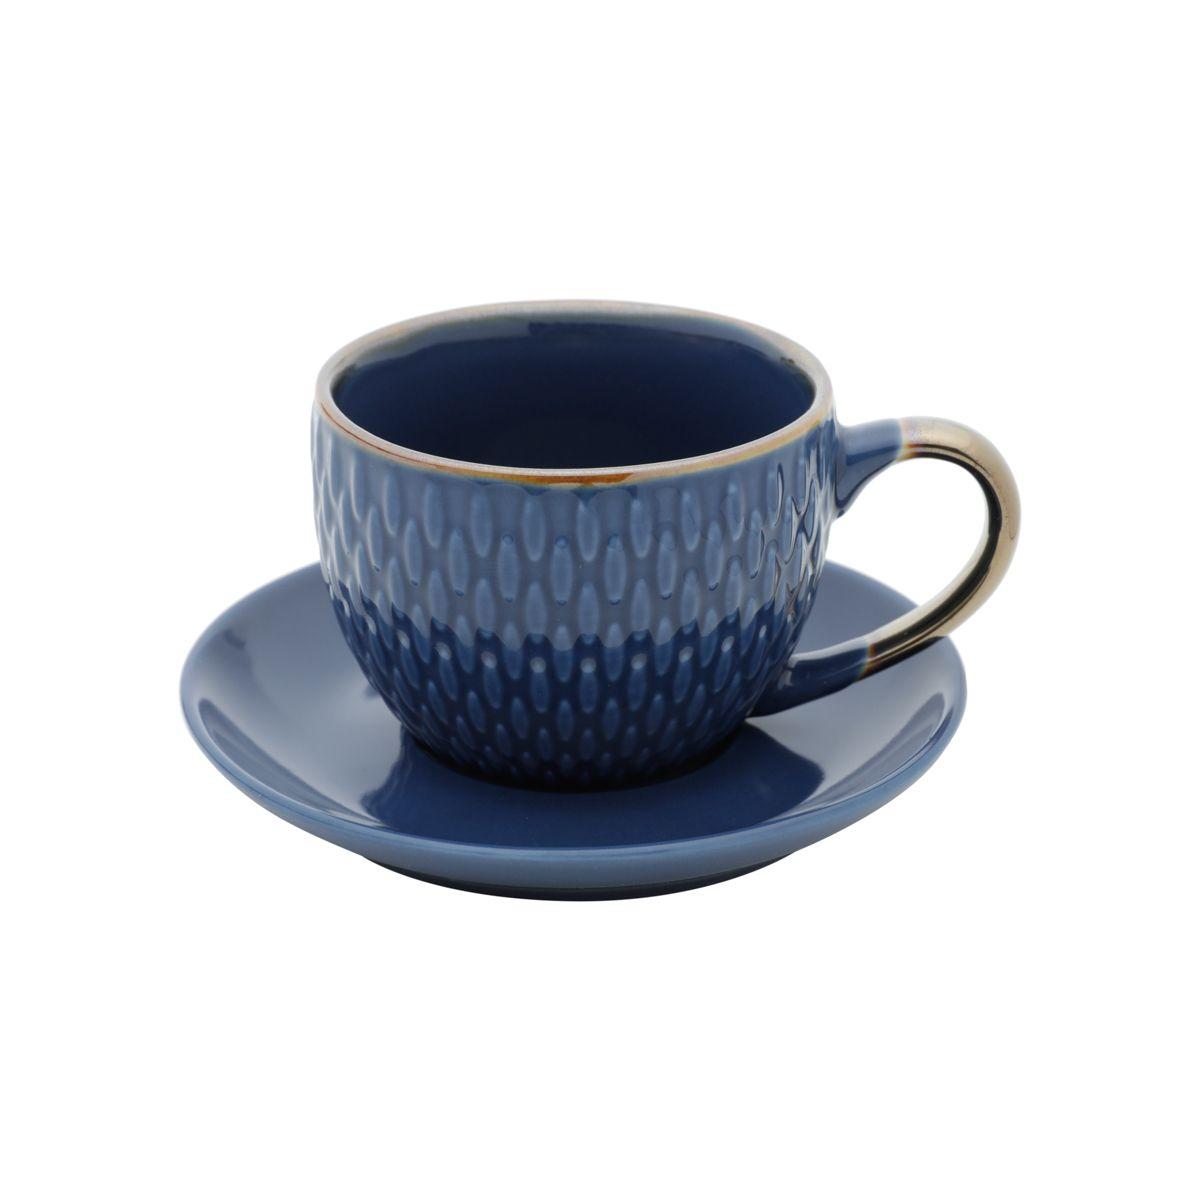 Jg 04 Xícaras de Café com Pires Azul de Porcelana